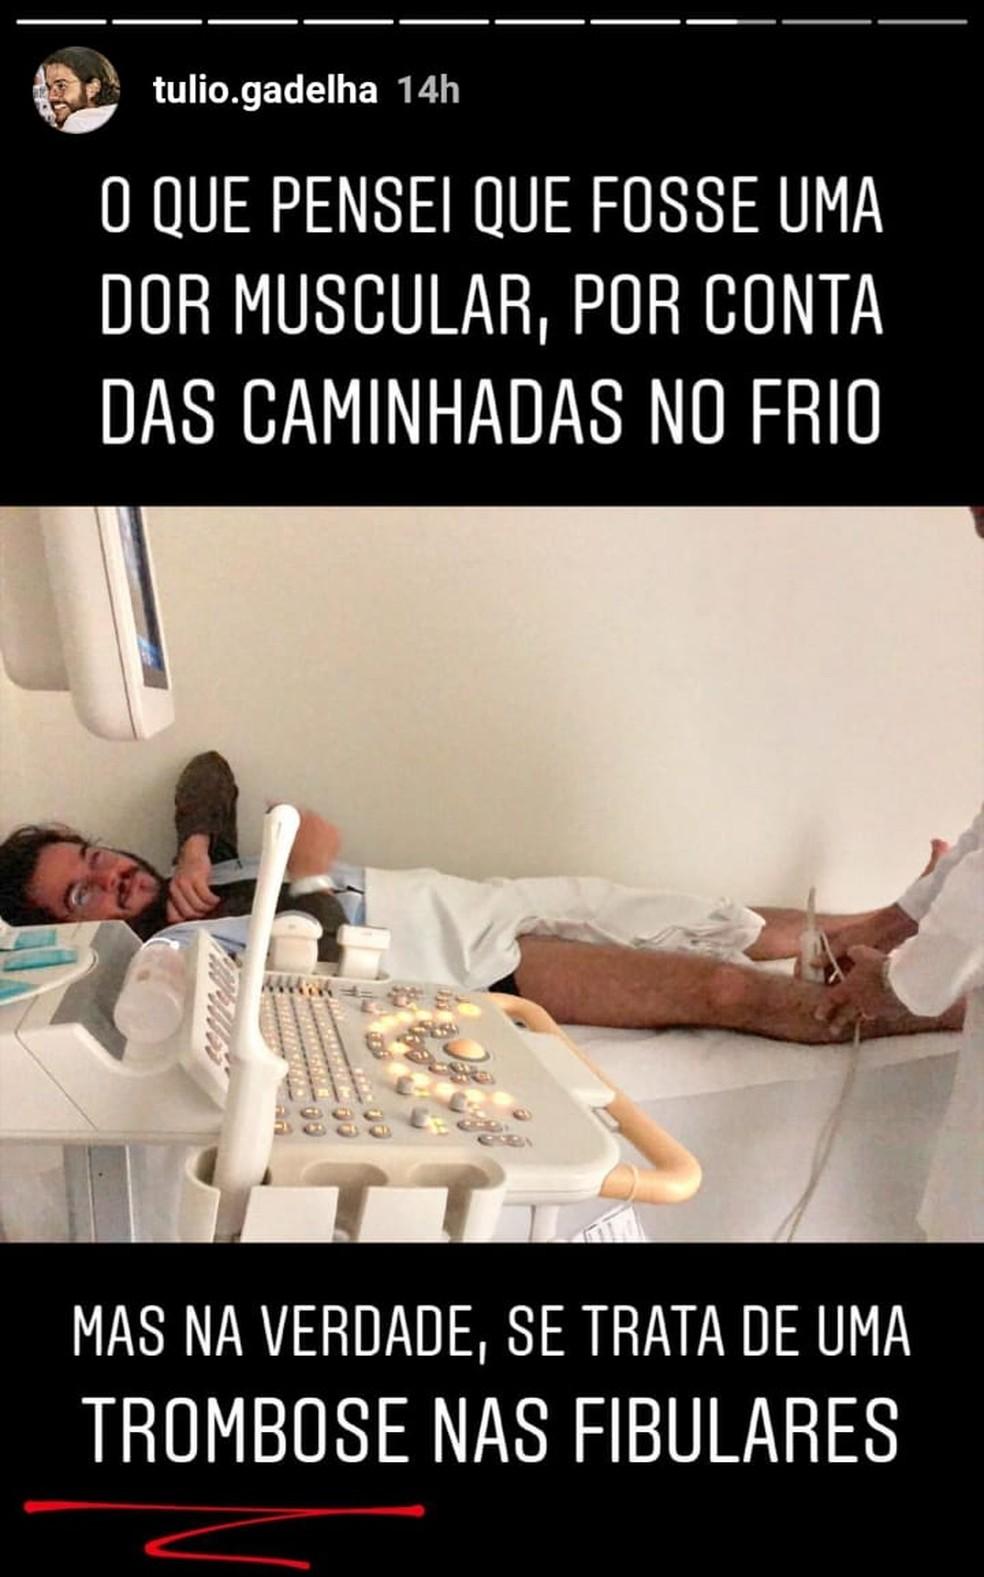 Deputado federal eleito pelo PDT em Pernambuco, Túlio Gadêlha está internado em hospital do Recife — Foto: Reprodução/Instagram